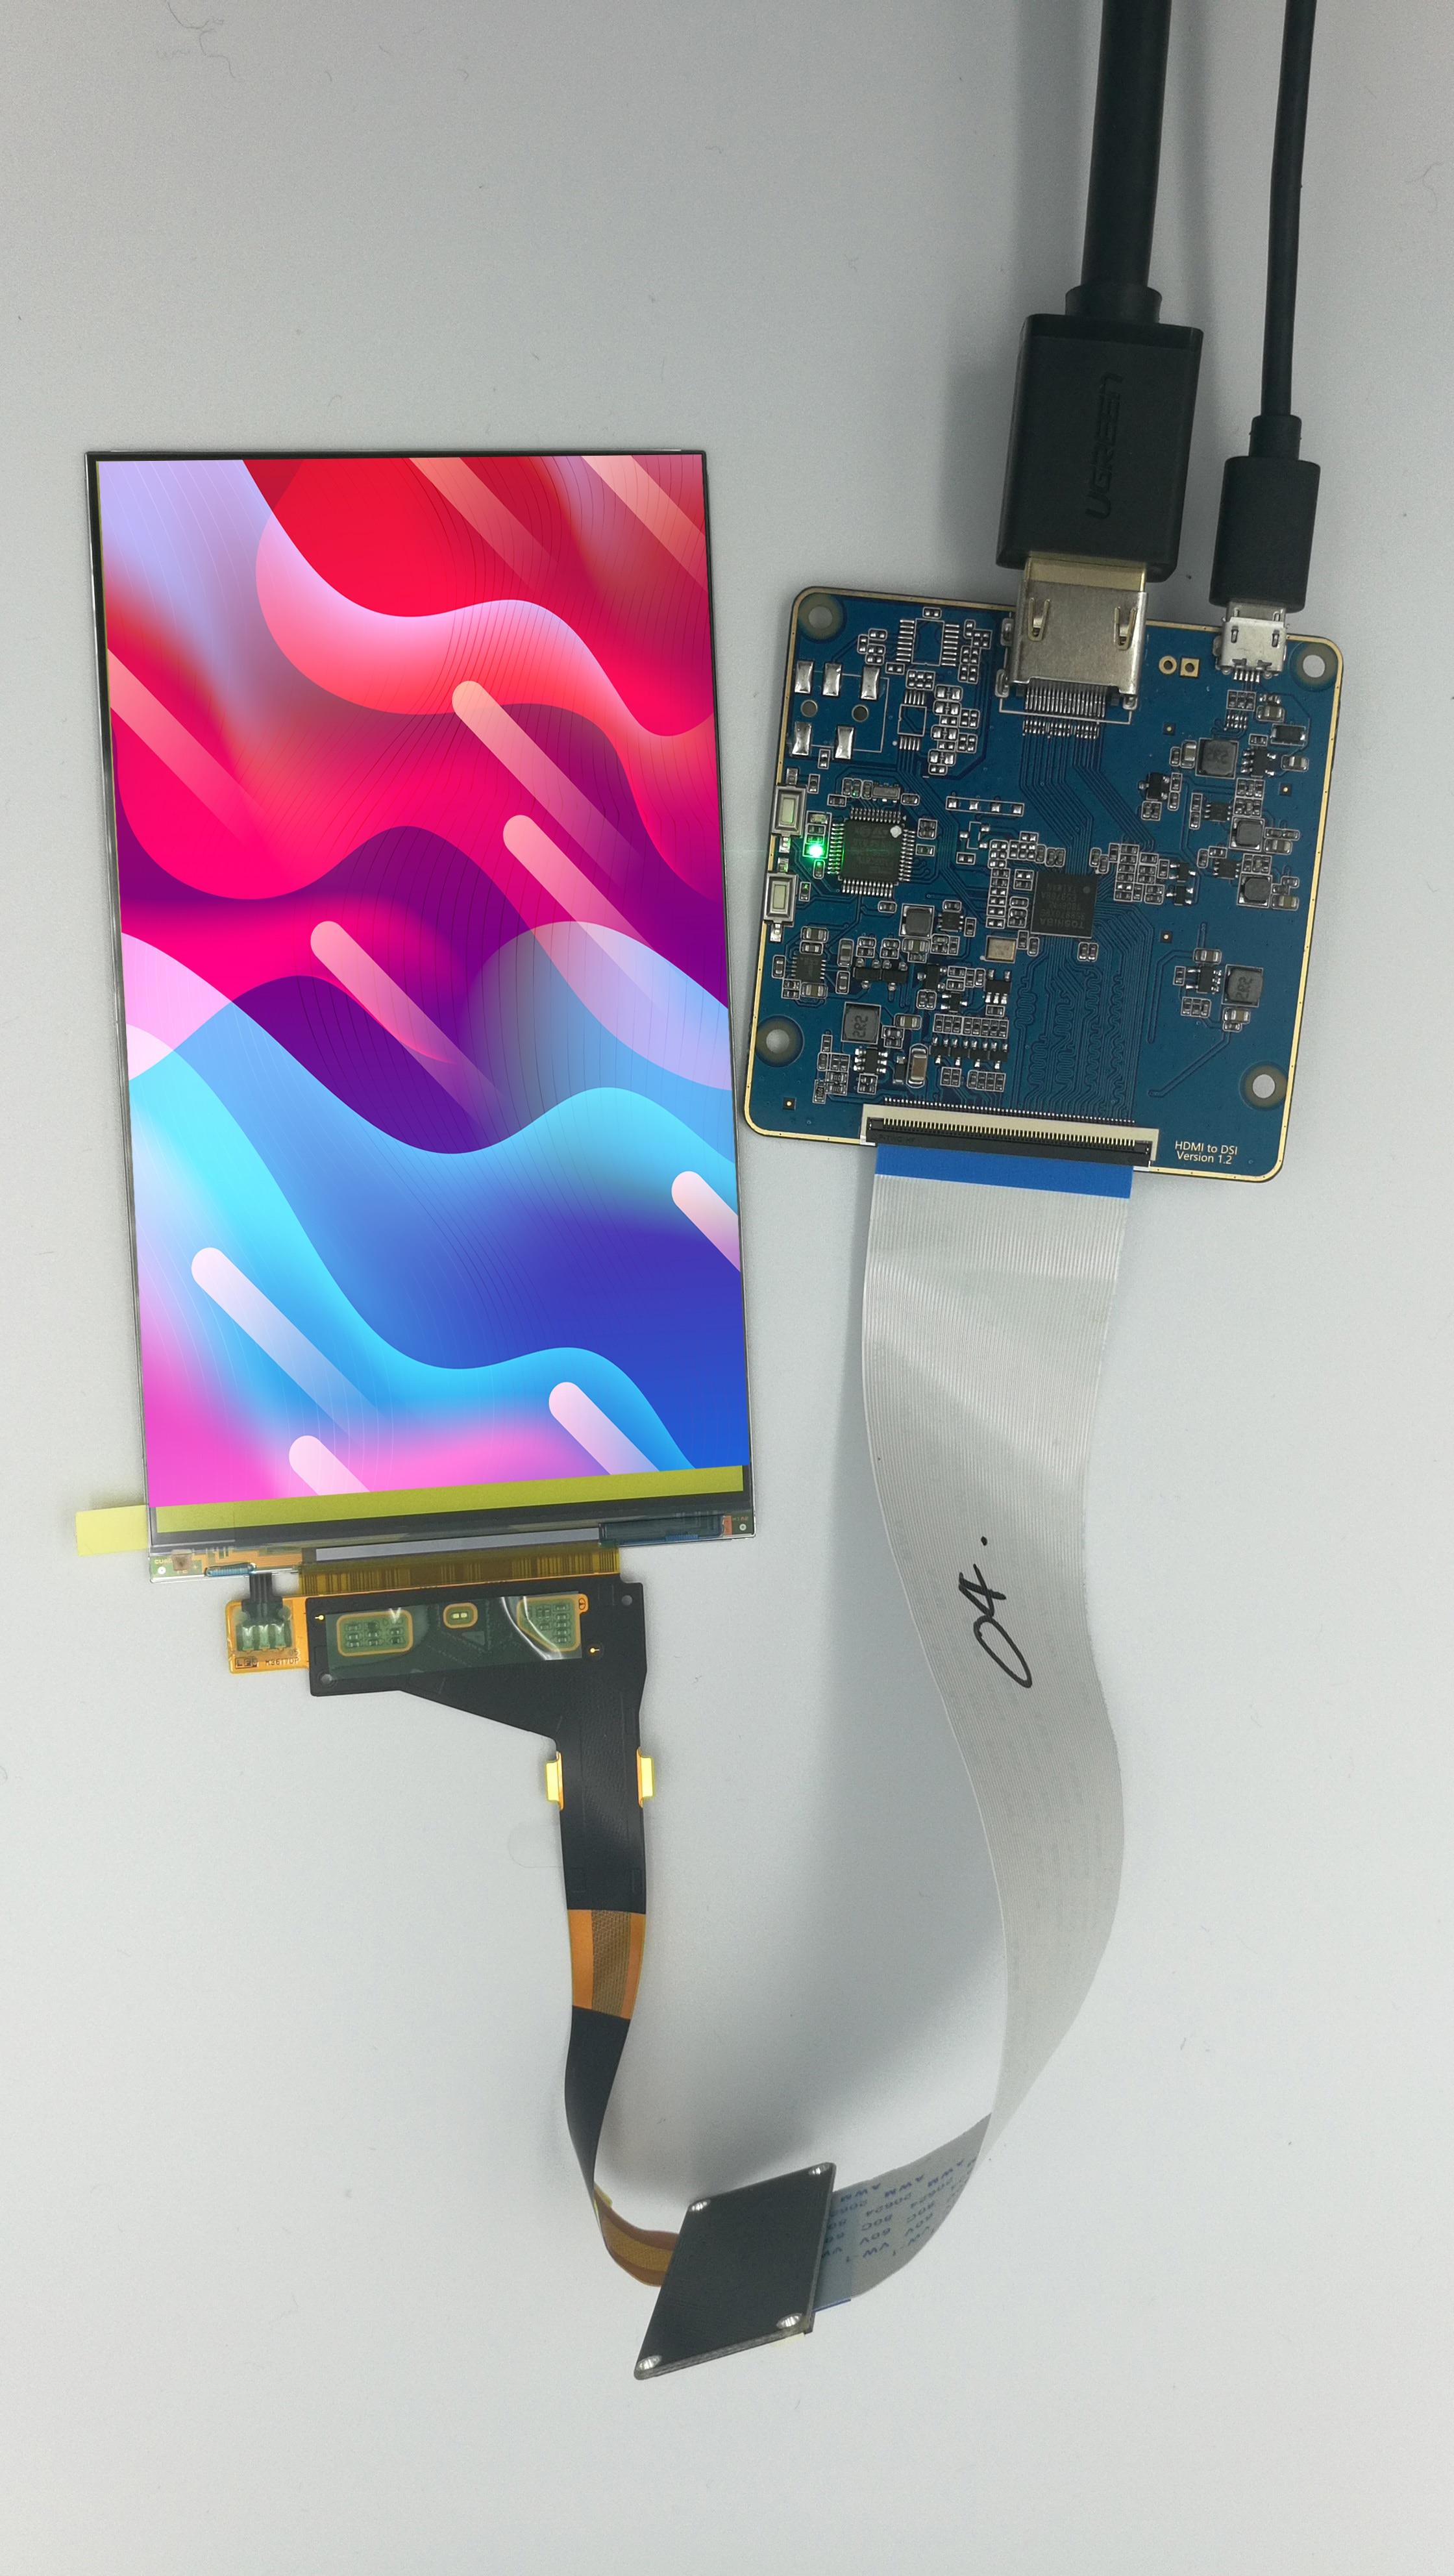 5.5 pouces 2K écran LCD 2560*1440 LS055R1SX04 avec carte dentraînement MIPI à HDMI pour projet de bricolage